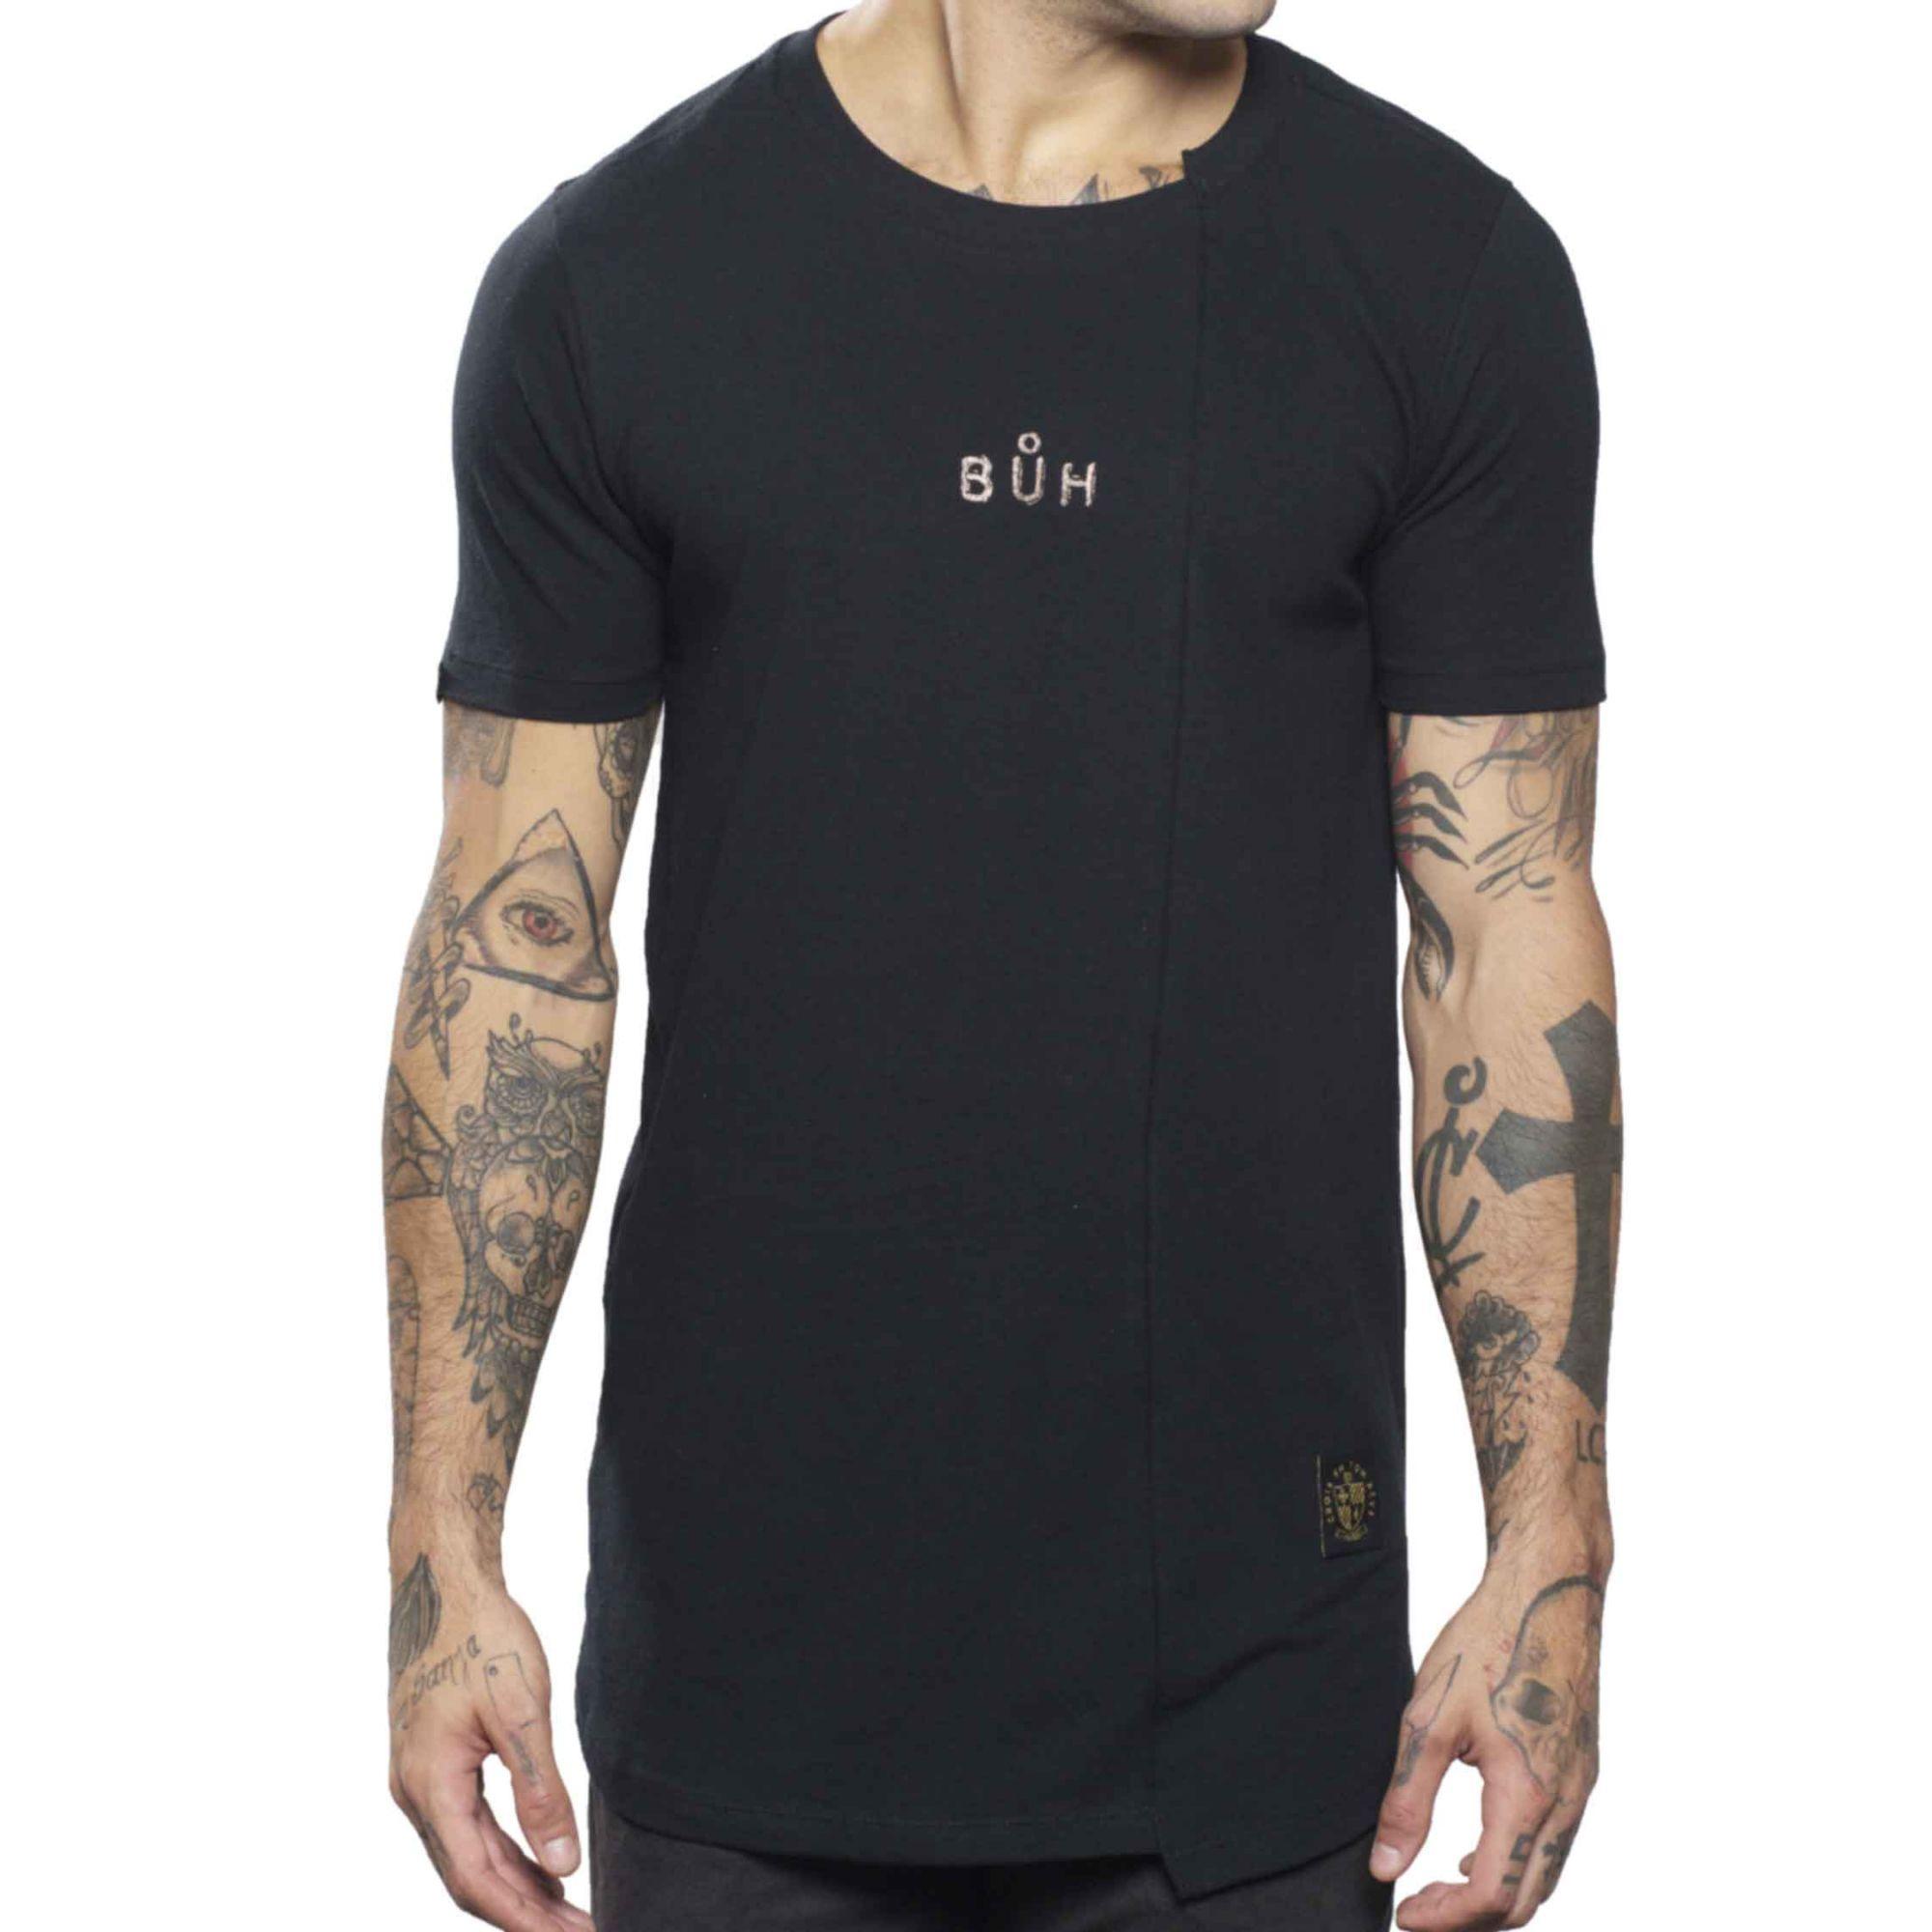 Camiseta Buh Lá Révolution Black